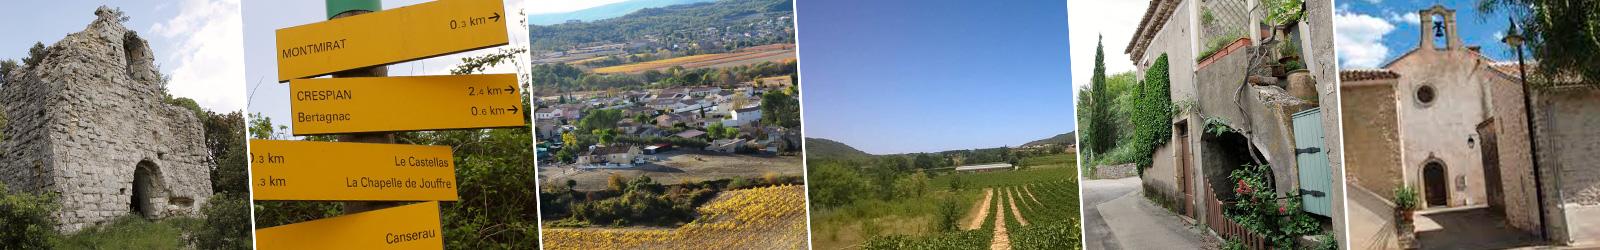 crespian patrimoine histoire village commune